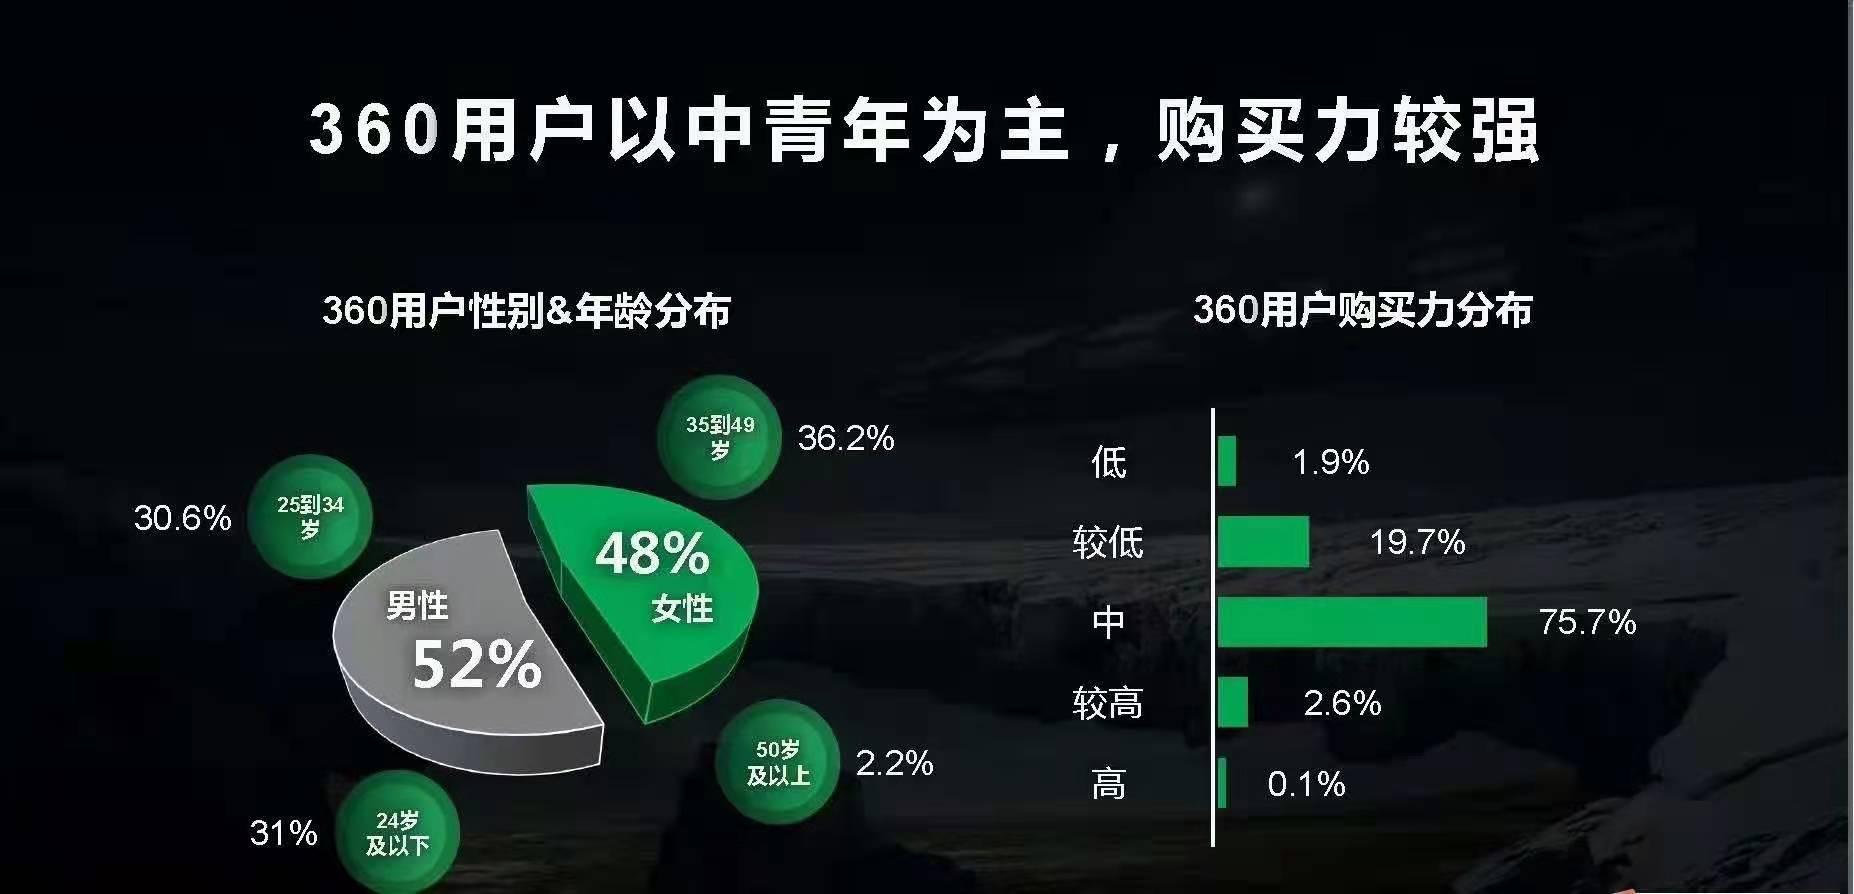 济宁网络公司_360实力商家